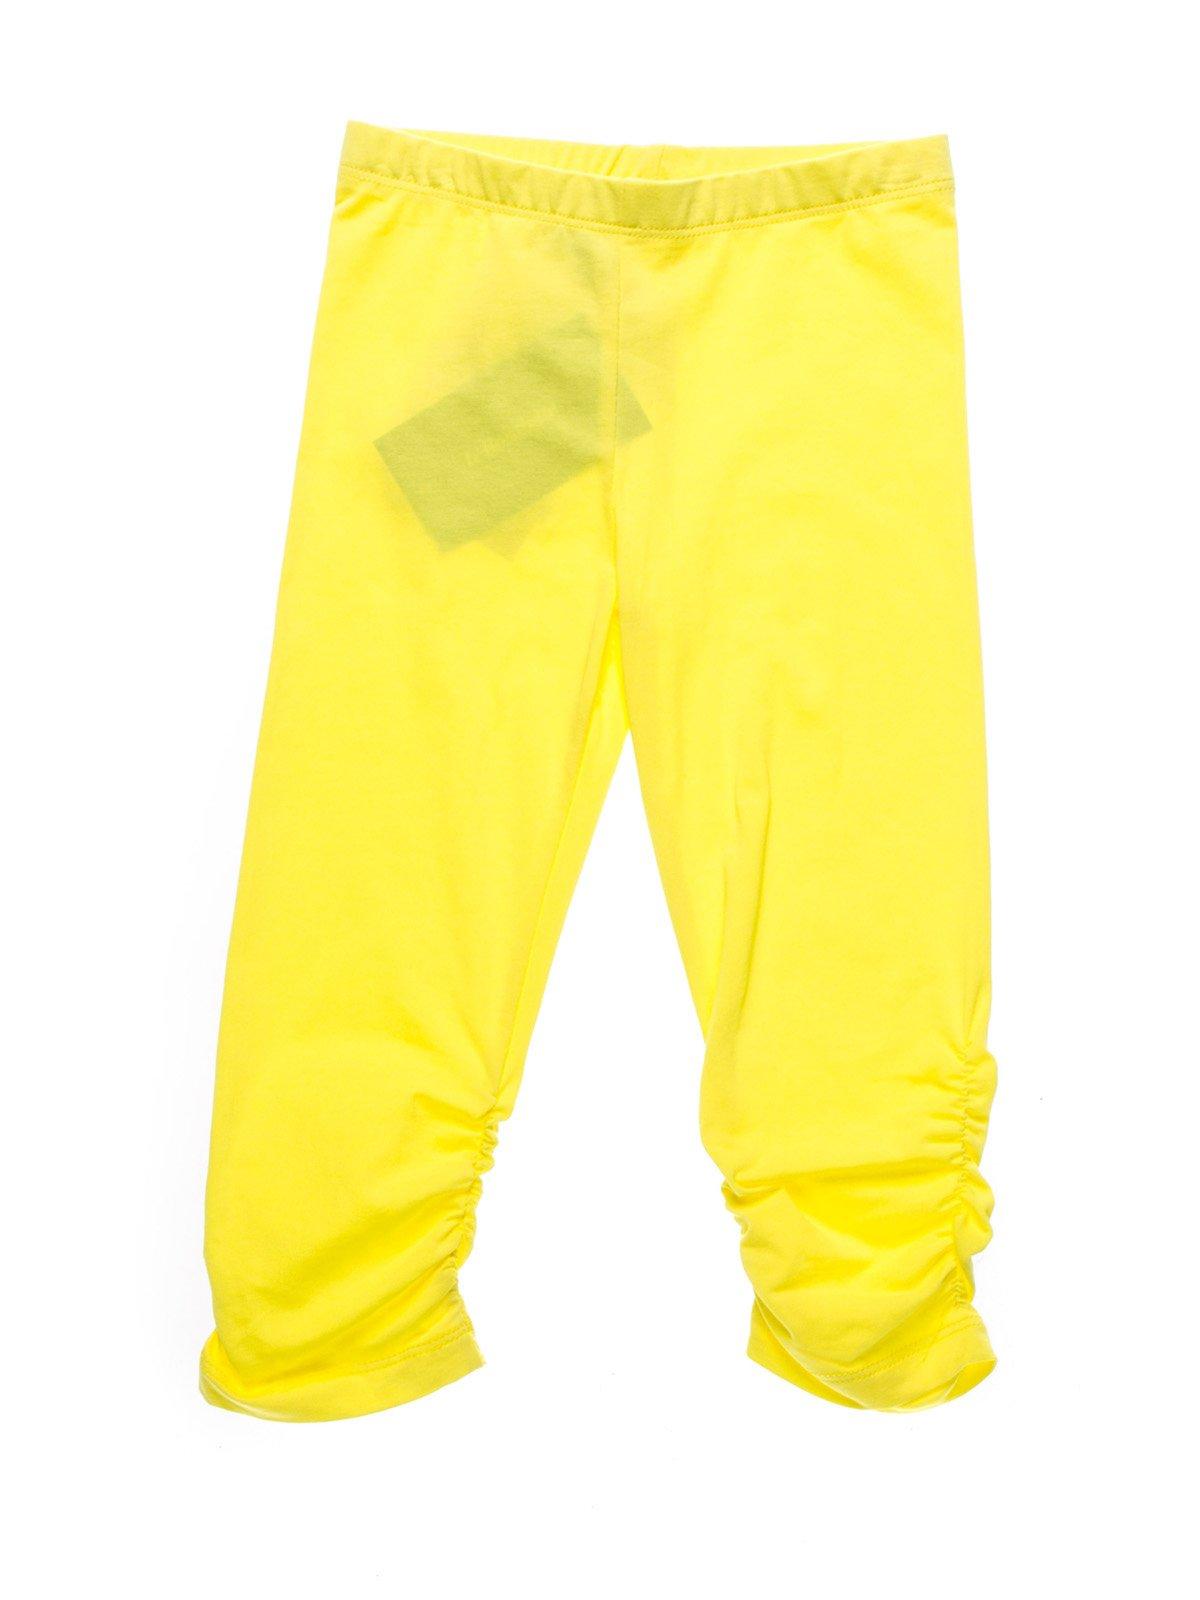 Легінси жовті   958993